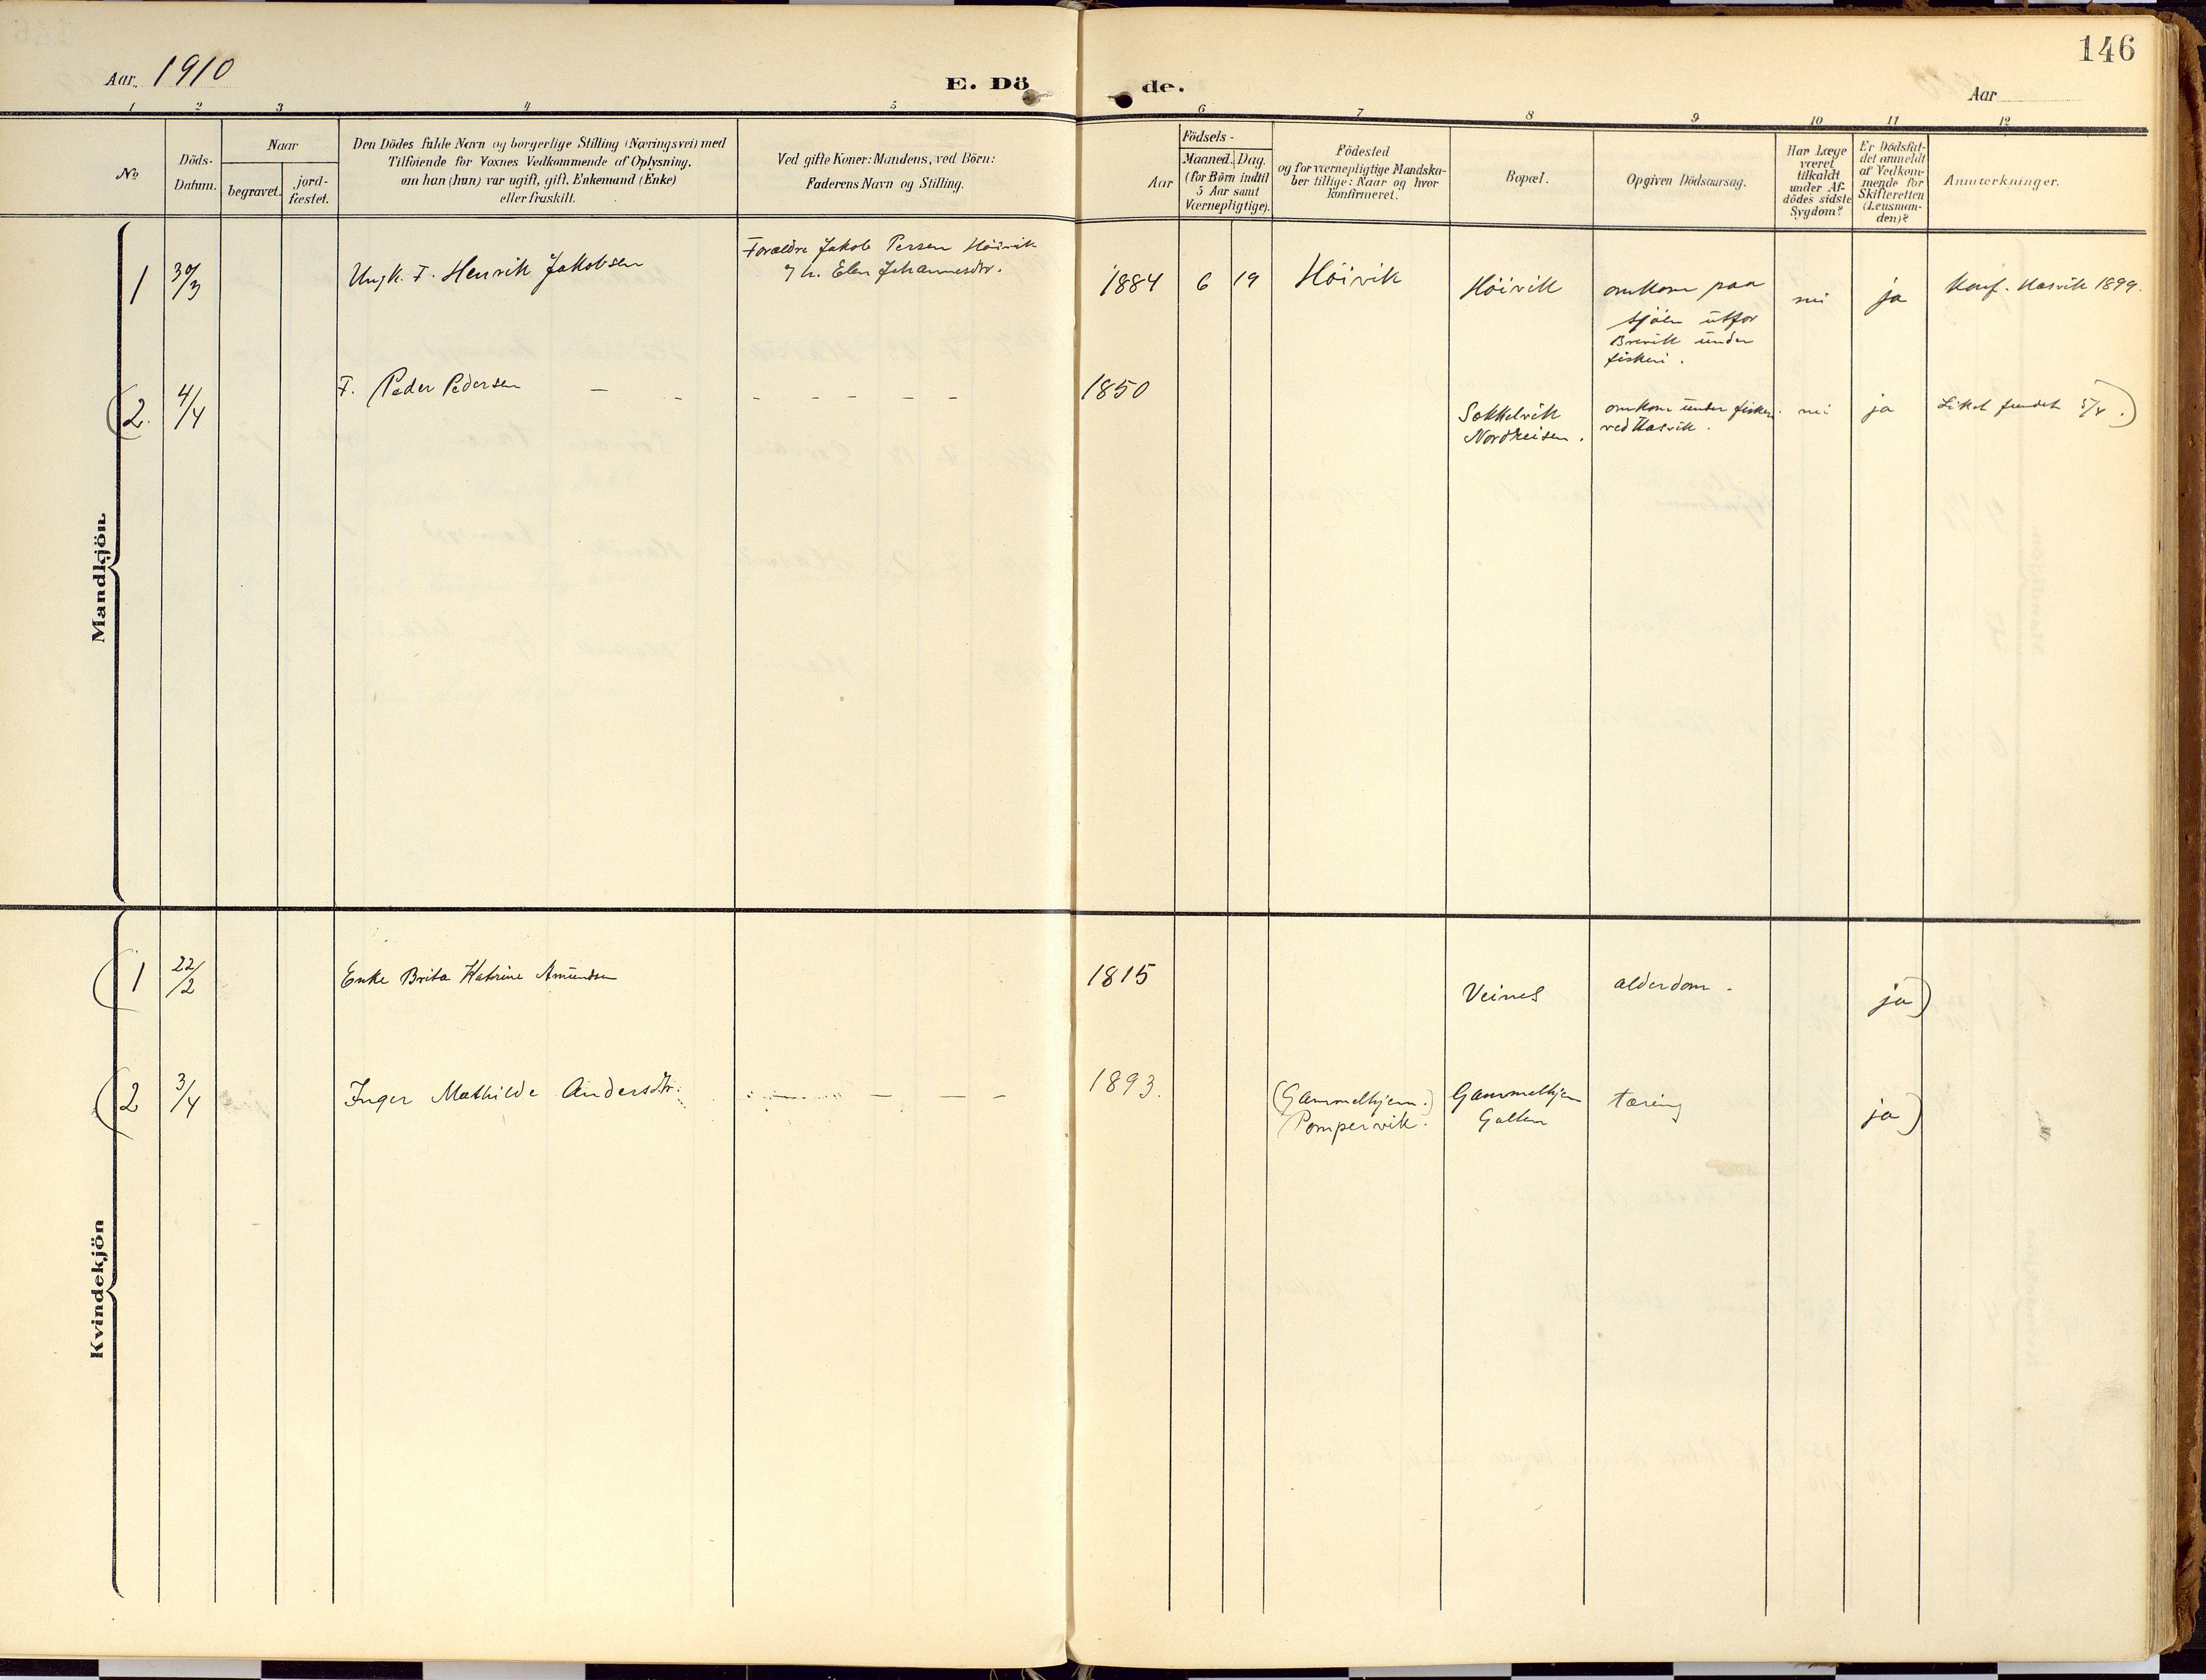 SATØ, Loppa sokneprestkontor, H/Ha/L0010kirke: Ministerialbok nr. 10, 1907-1922, s. 146